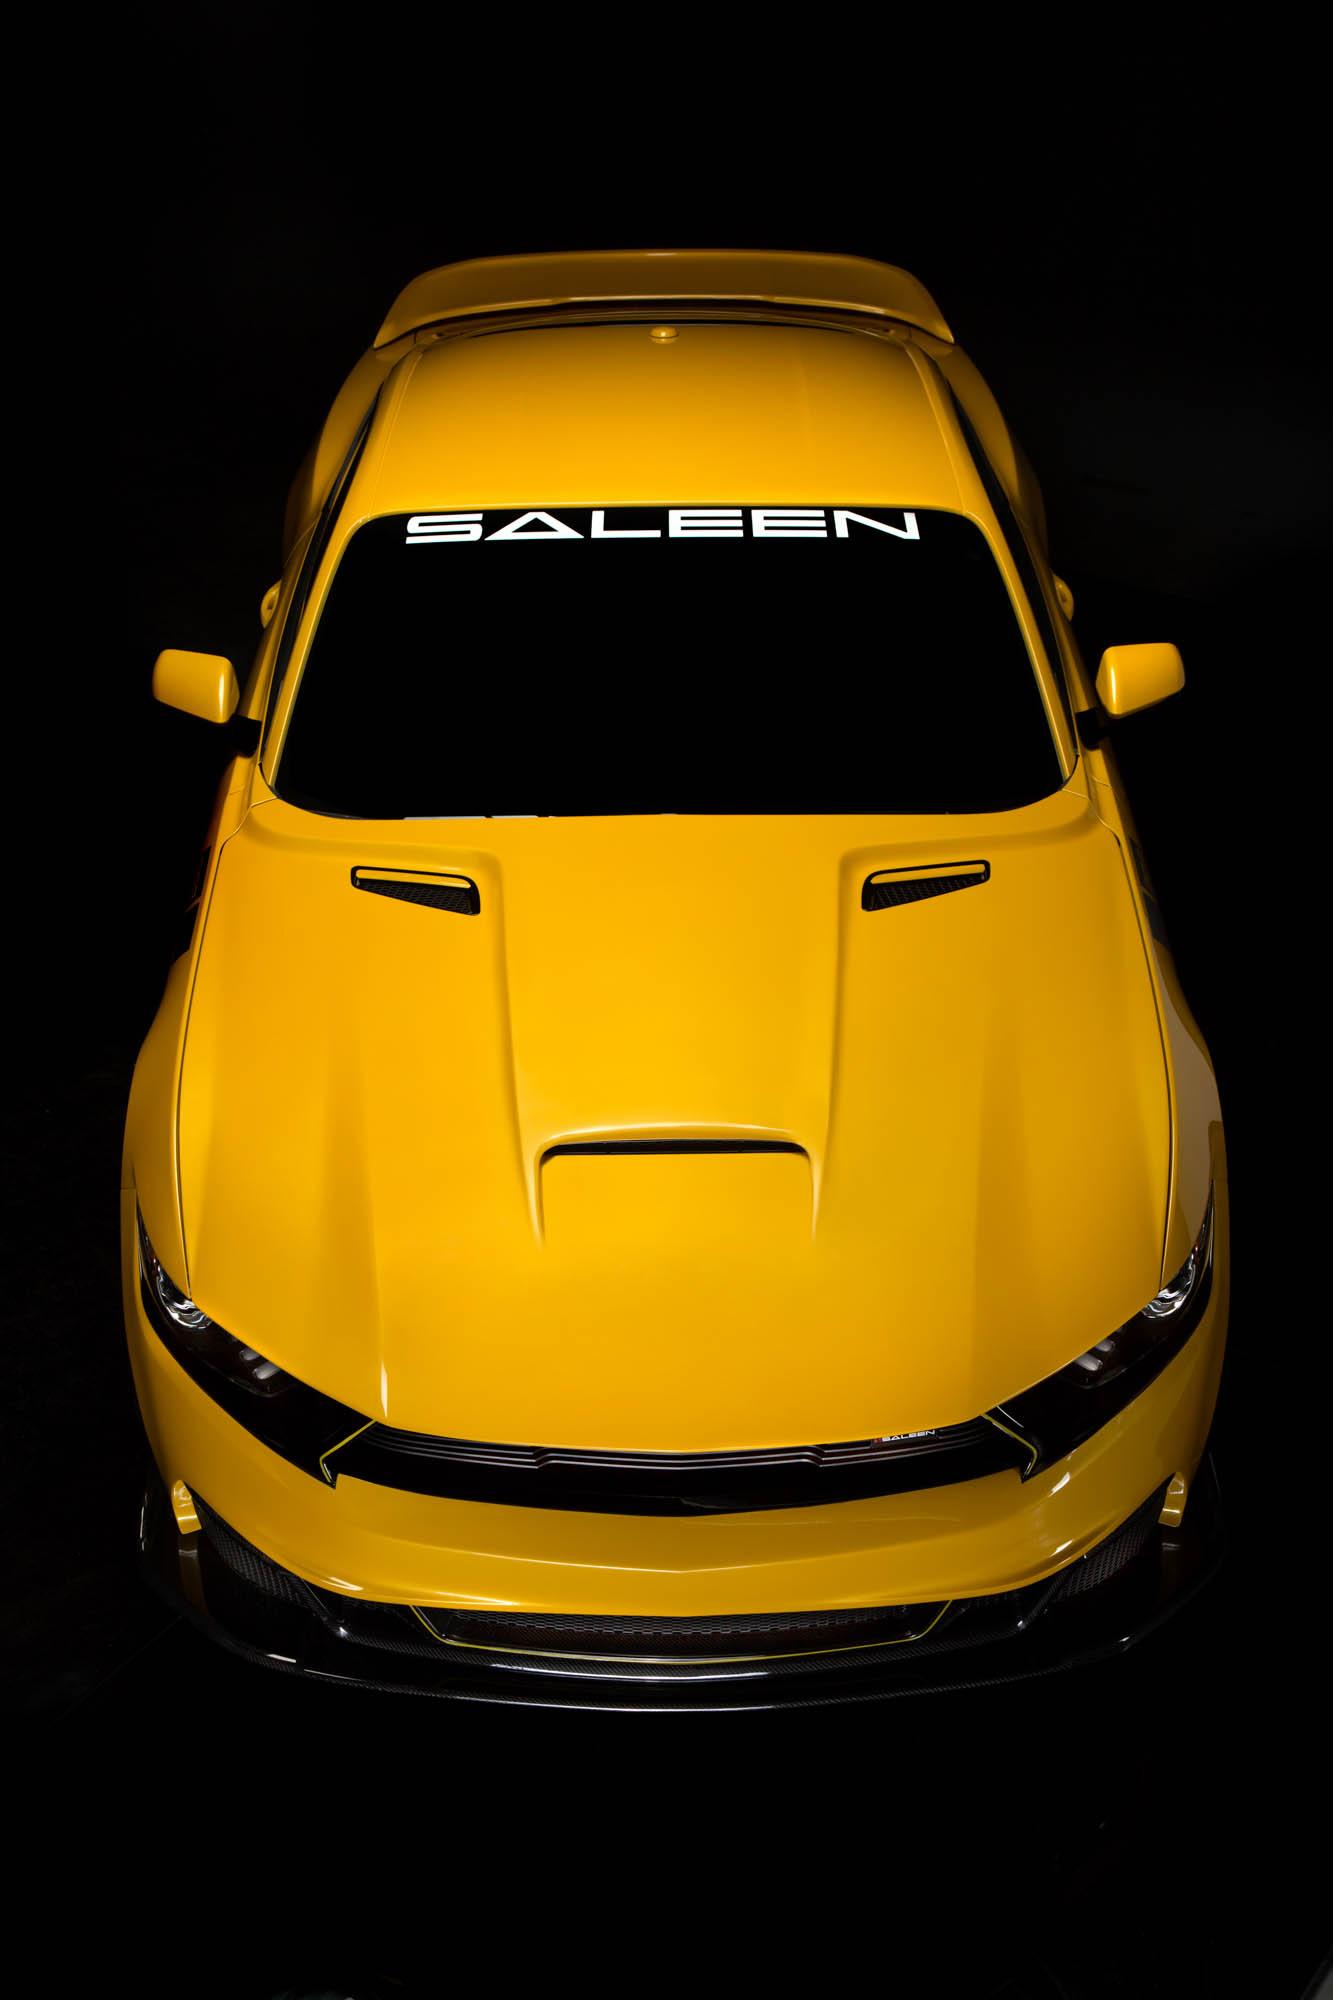 2016 Saleen Mustang >> 2016 Saleen Mustang Top New Car Release Date